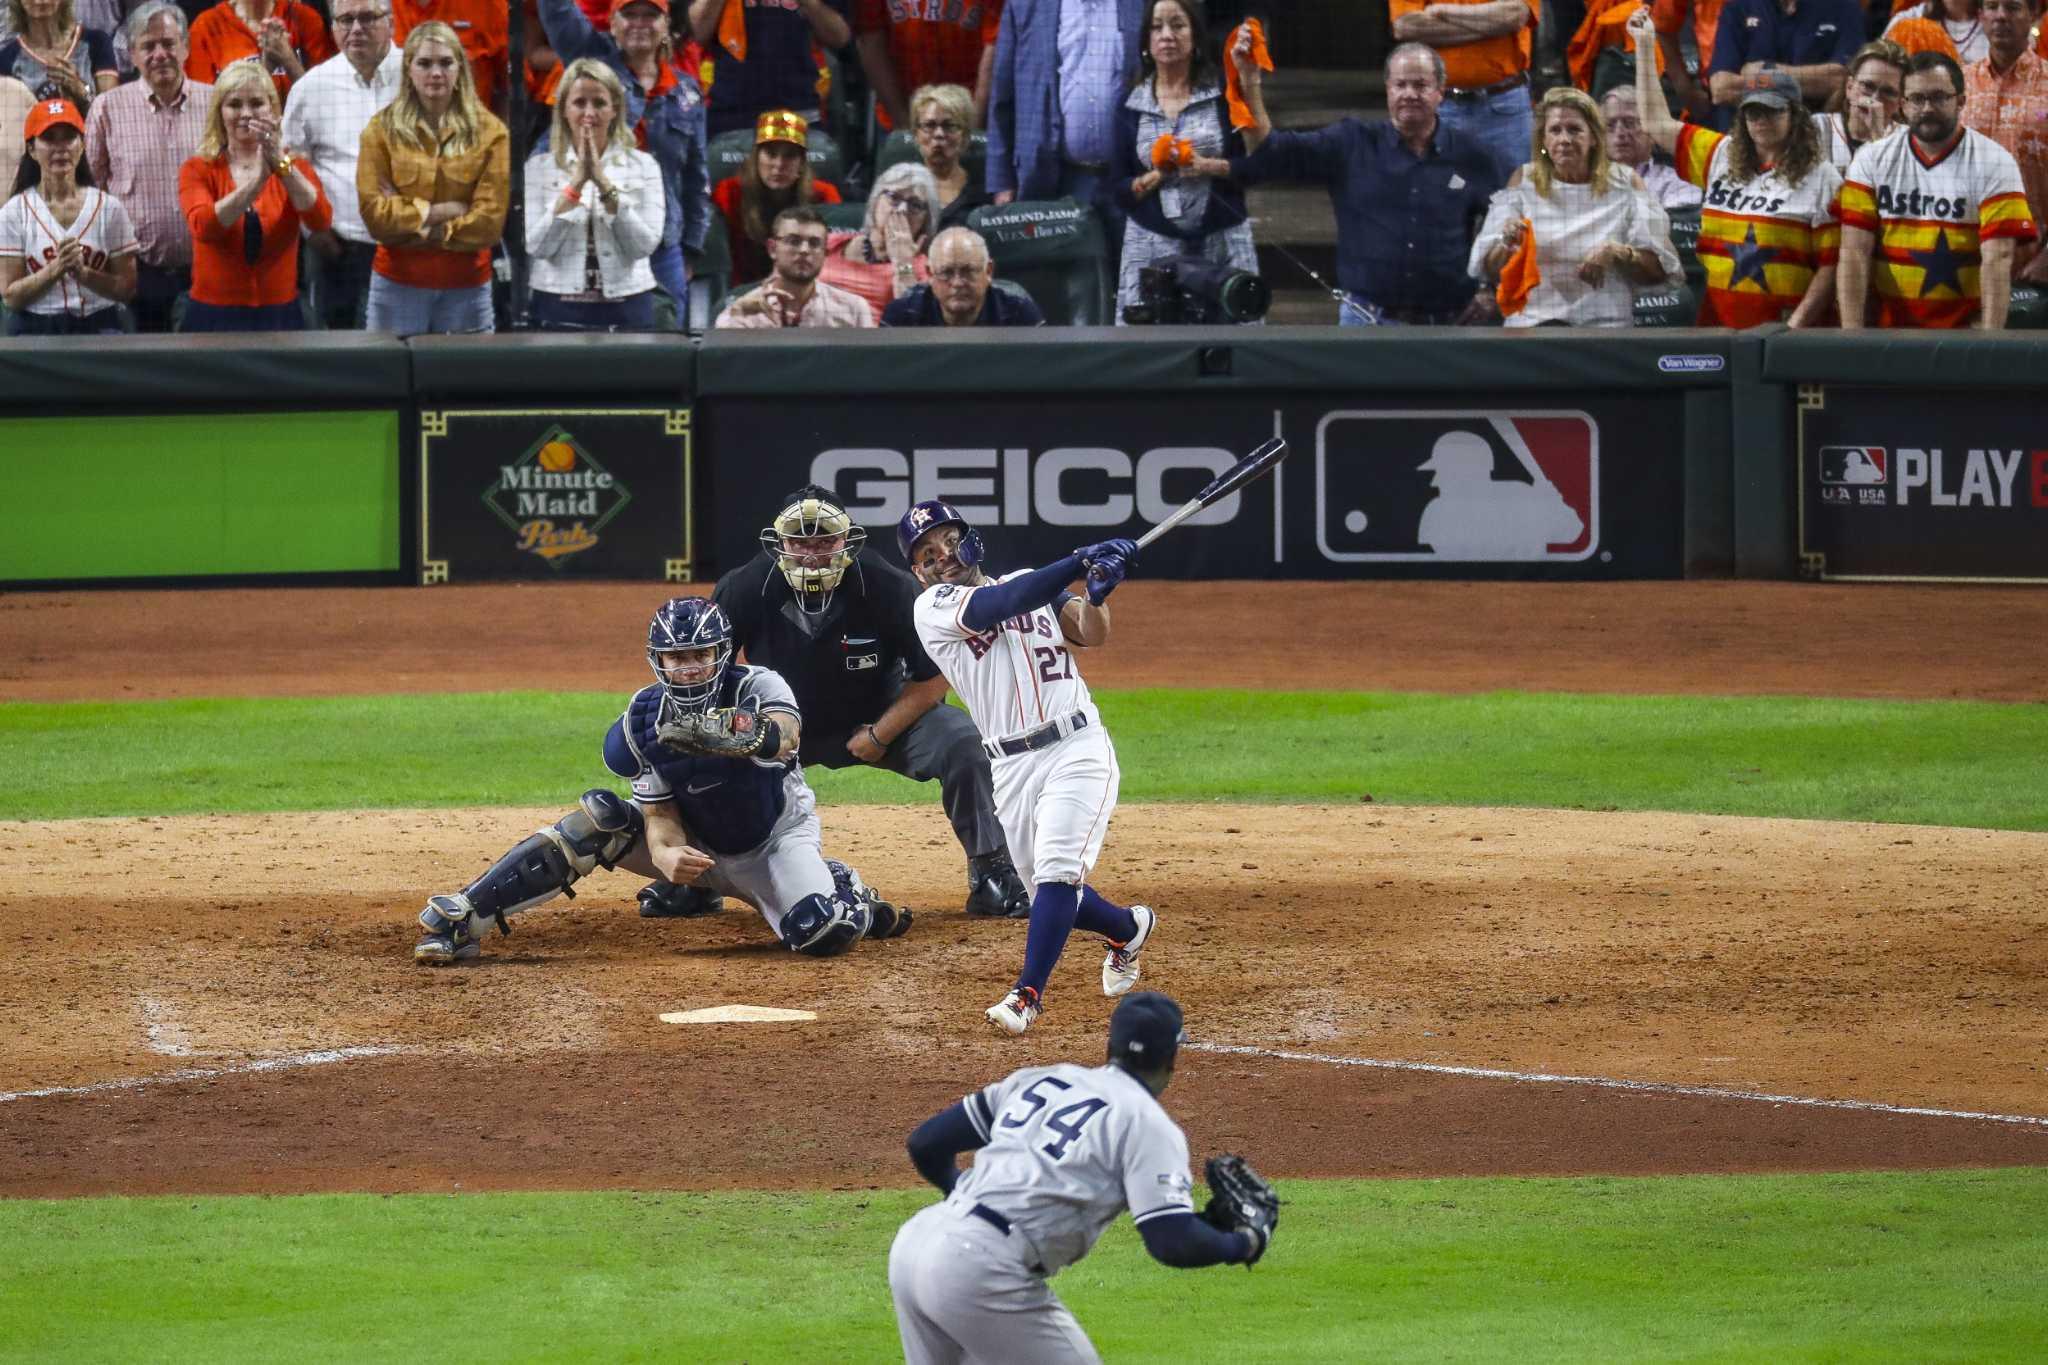 2019 Astros review: Jose Altuve